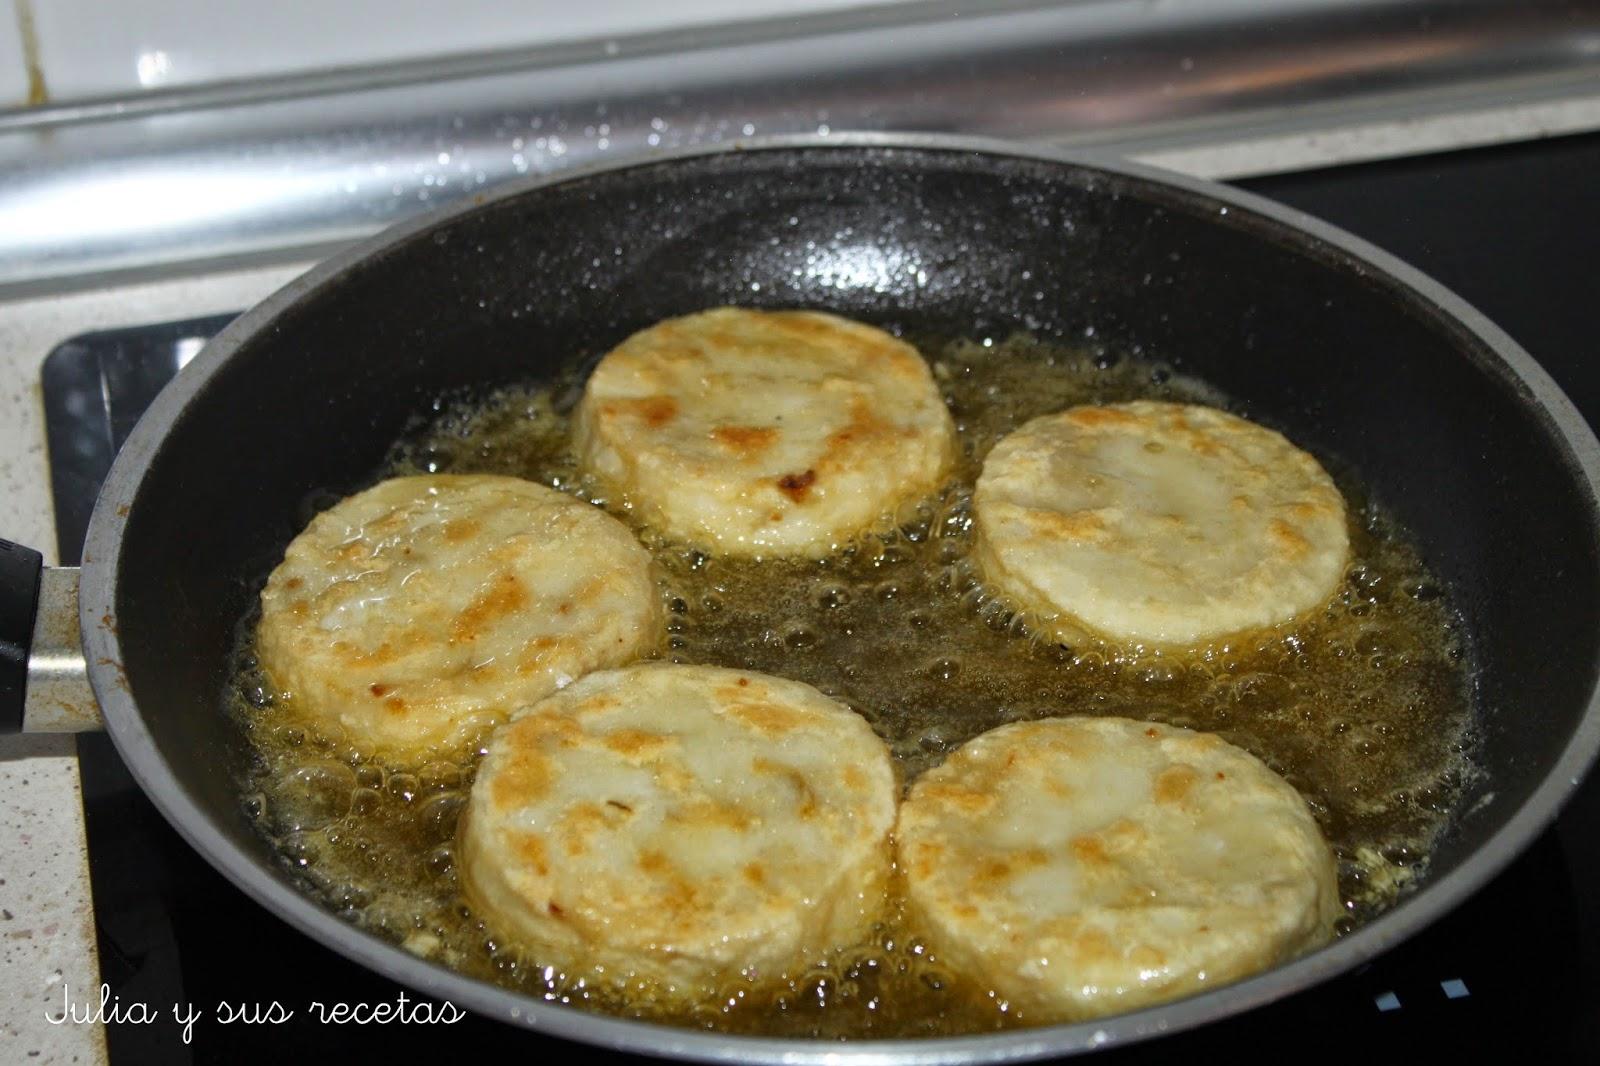 Julia y sus recetas medallones de merluza en salsa - Cocinar merluza en salsa ...